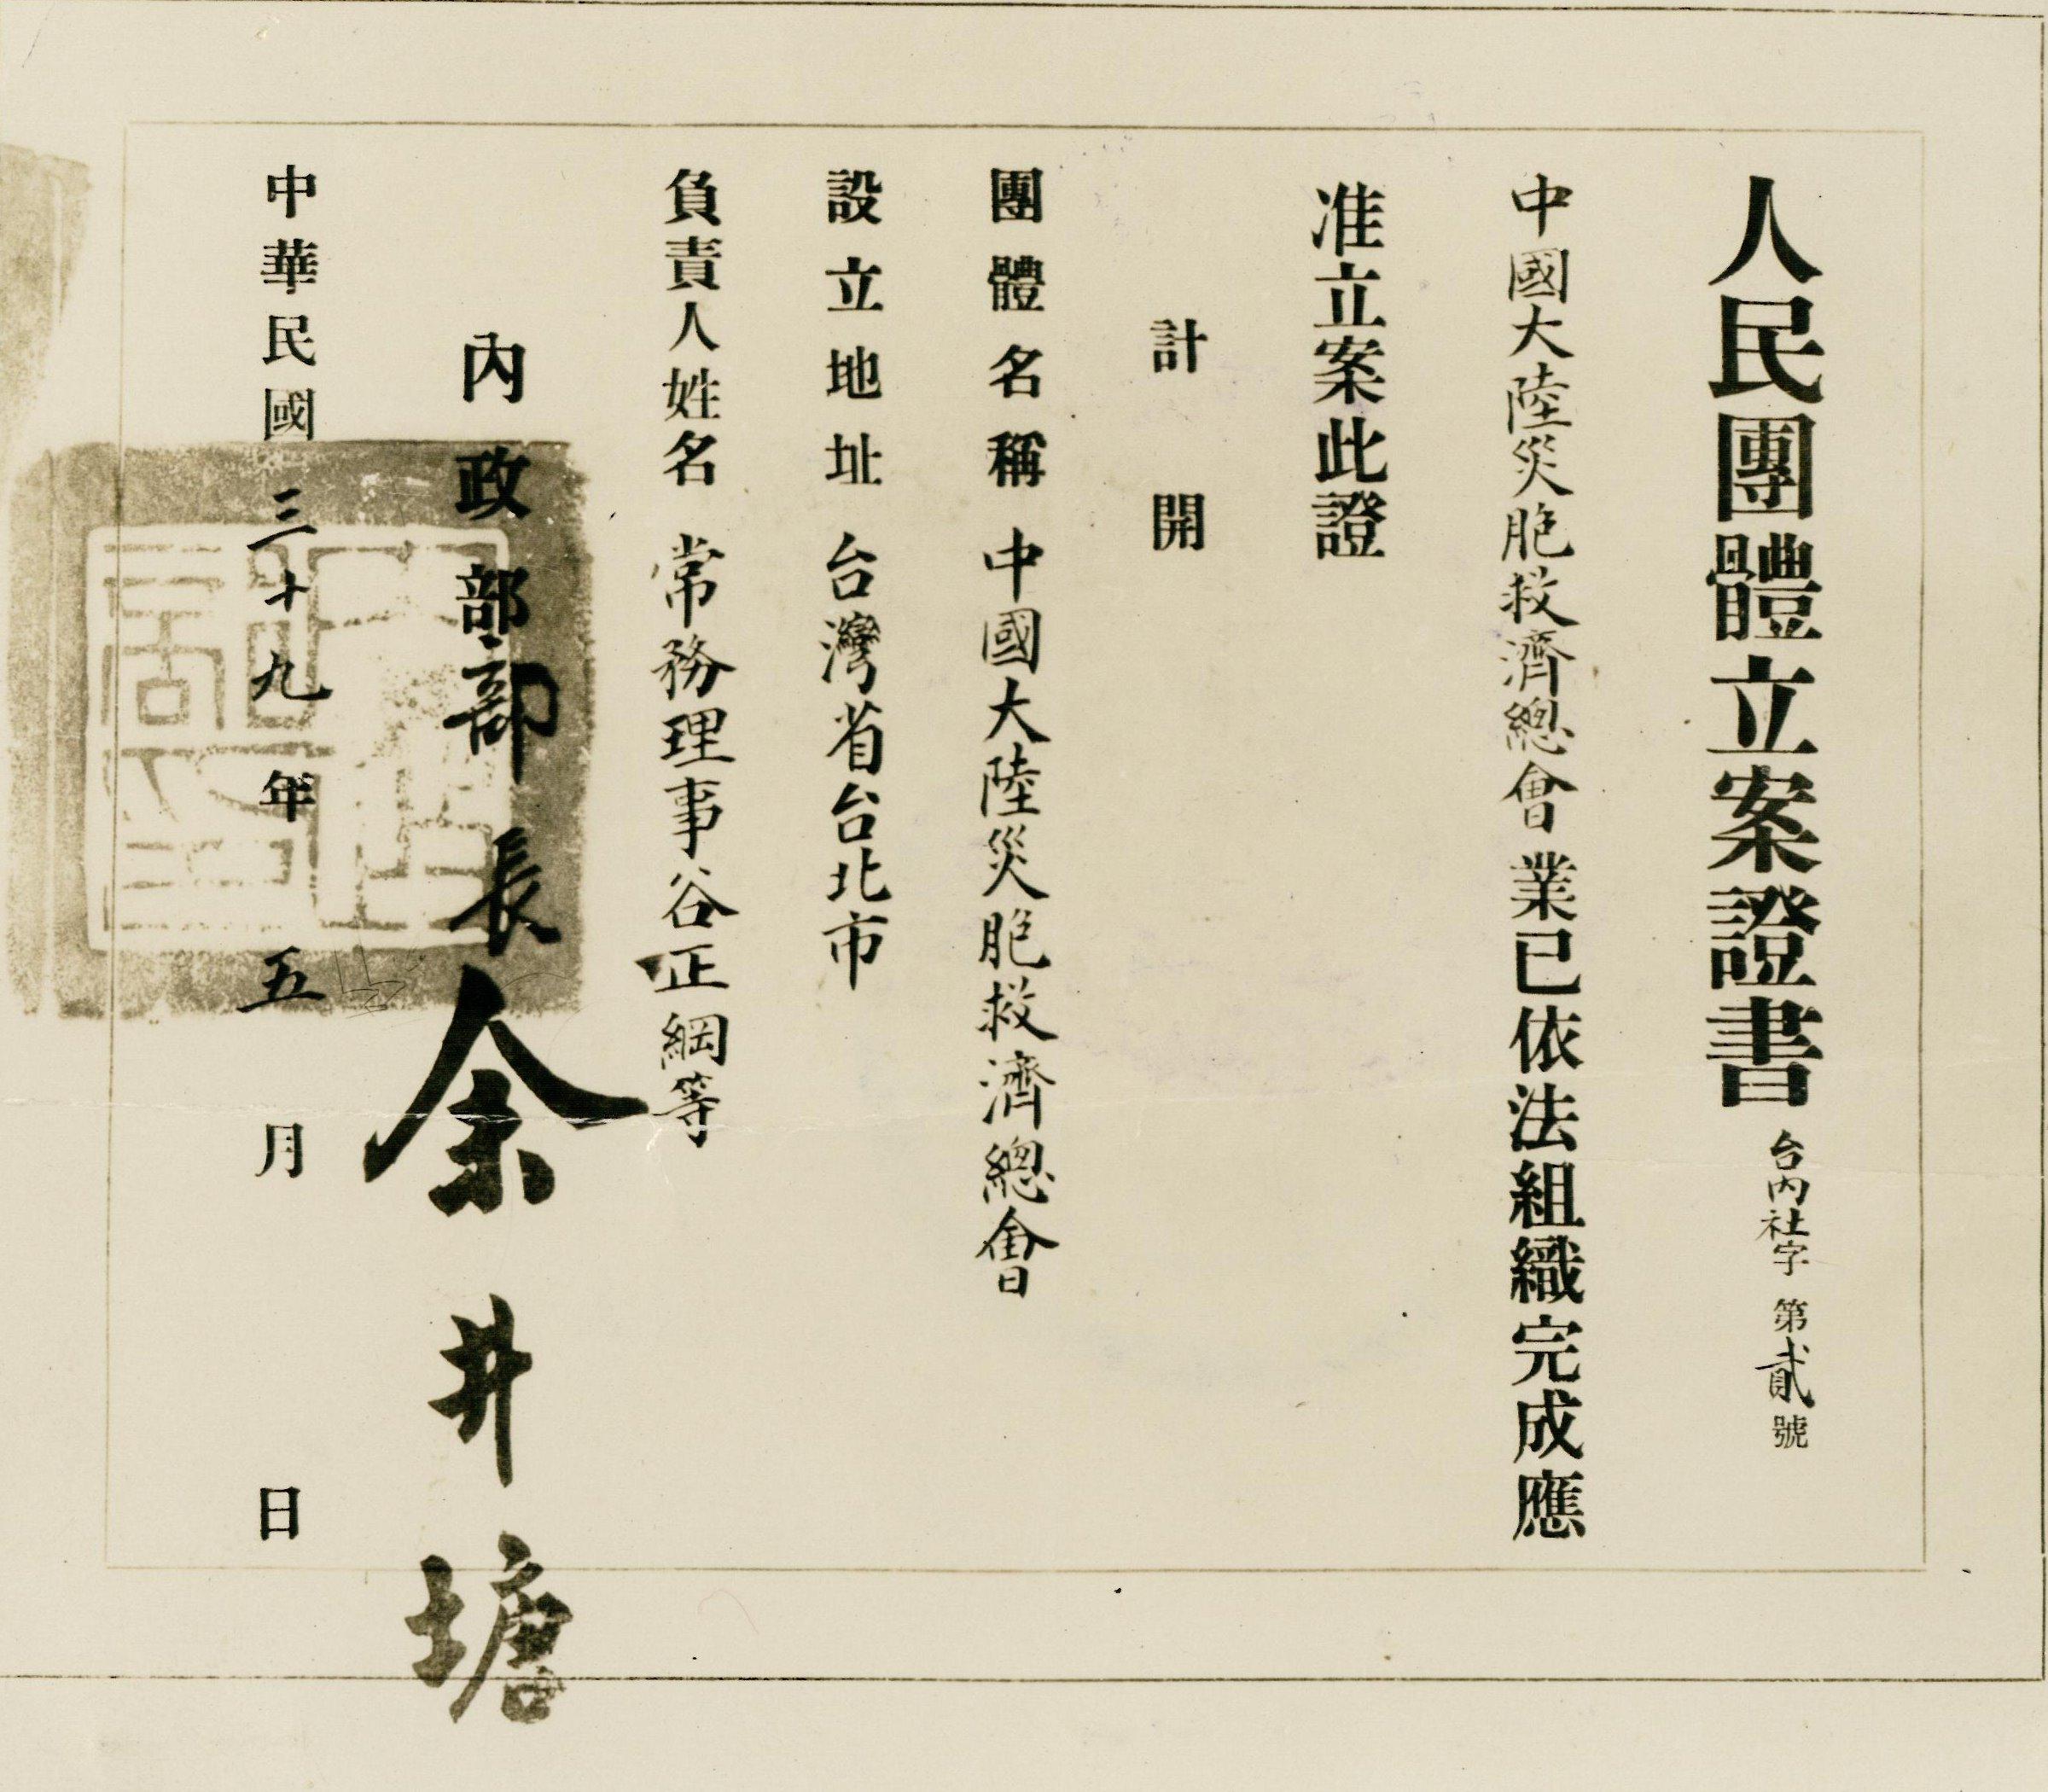 本會於民國39年(1950)向內政部登記為人民團體之立案證書,立案字號為台內社字第貳號。